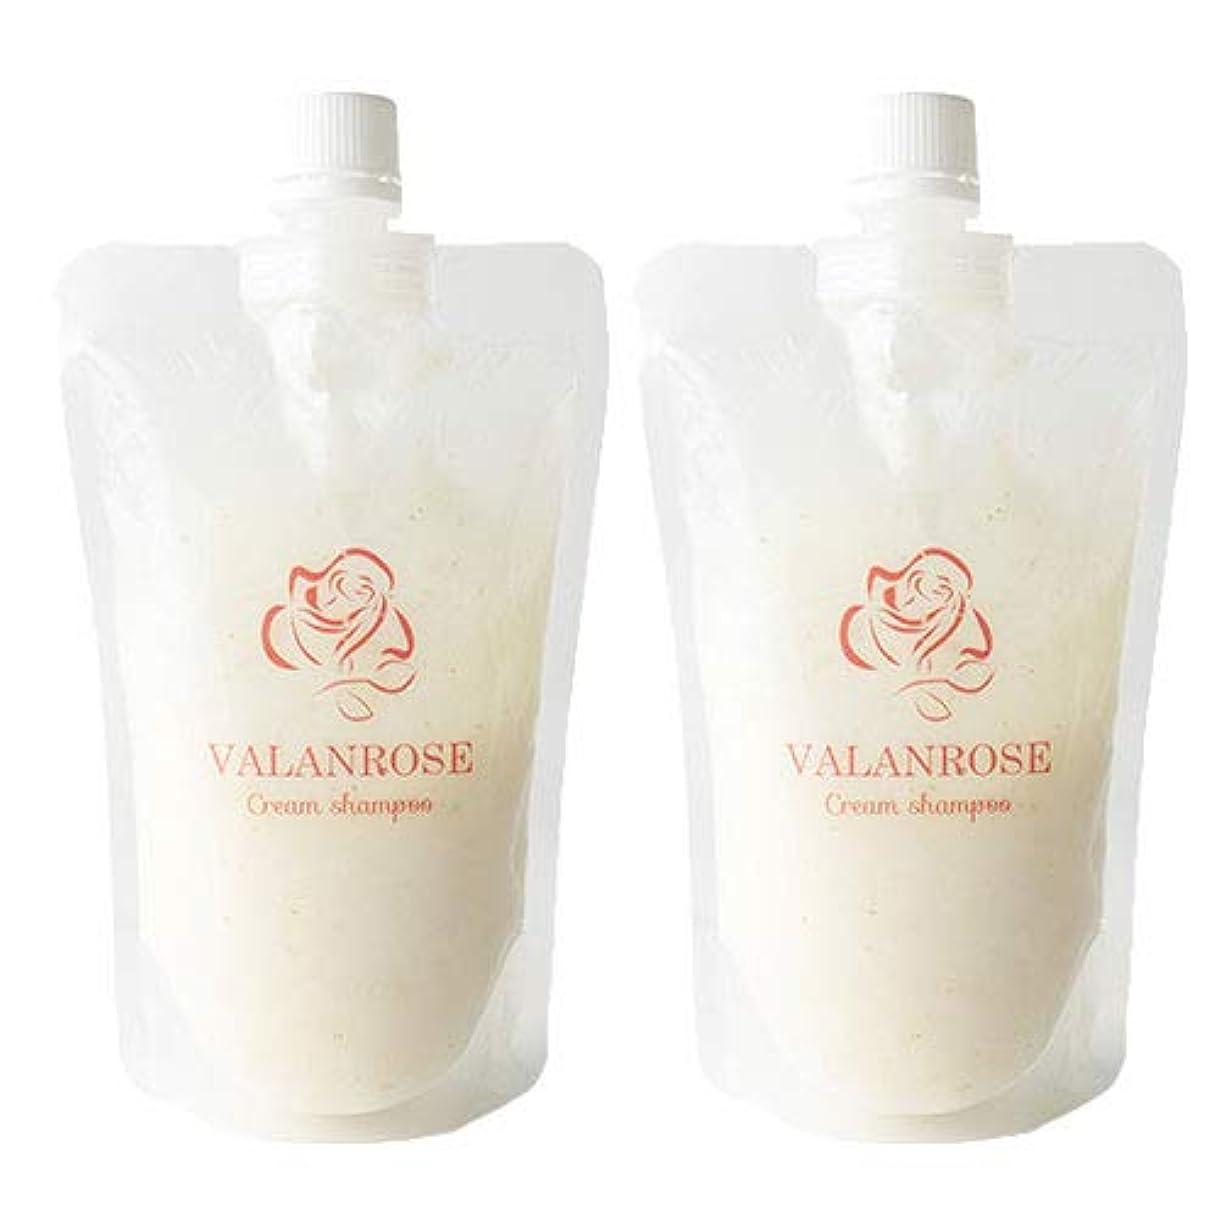 フォージセットする超えるバランローズ クリームシャンプー2個×1セット VALANROSE Cream shampoo/シャンプー クリームシャンプー 髪 ヘアケア